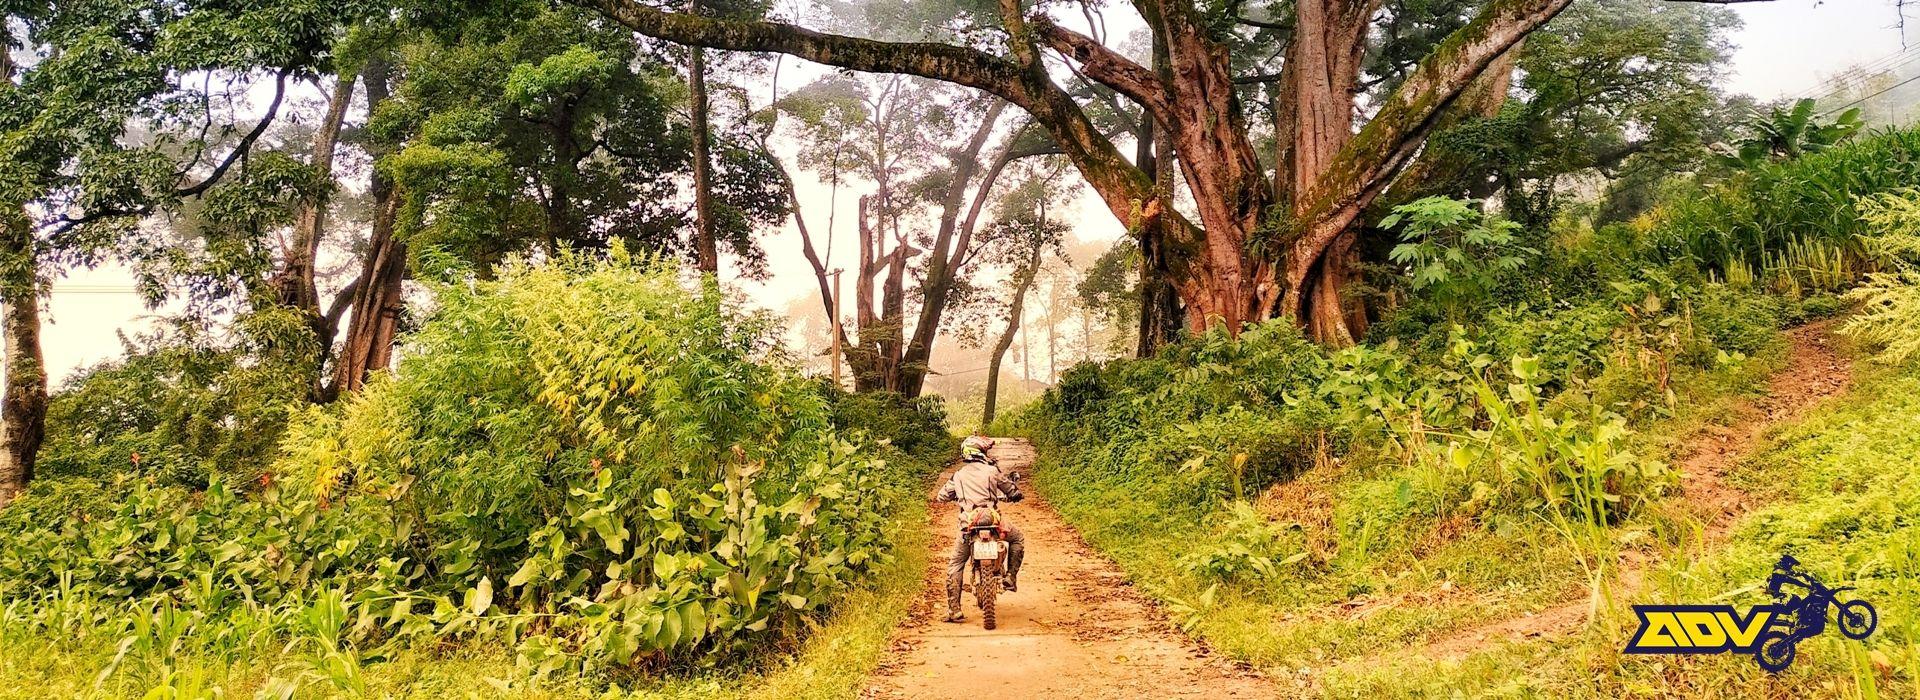 Vietnam offroad Motorbike tour